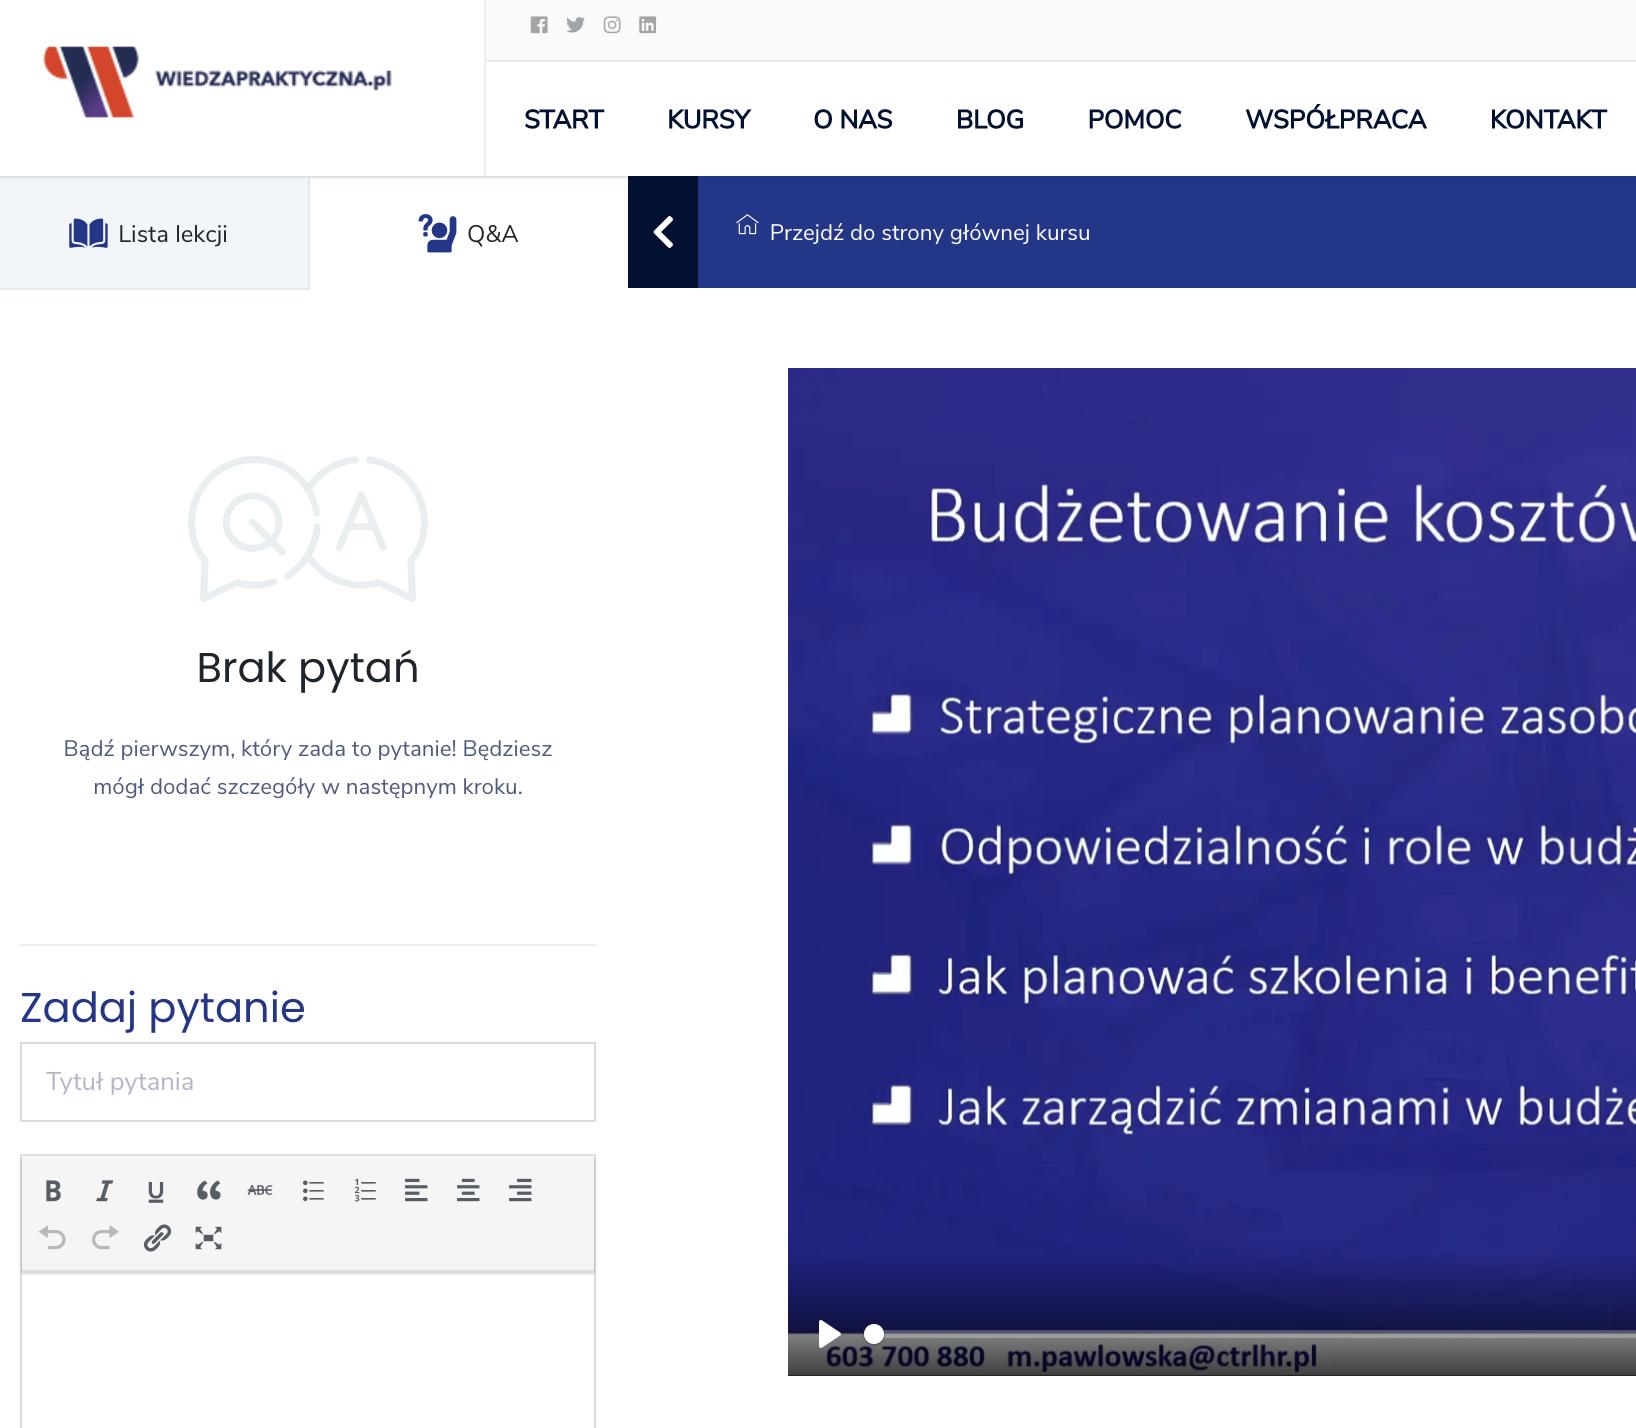 panel wiedzapraktyczna.pl